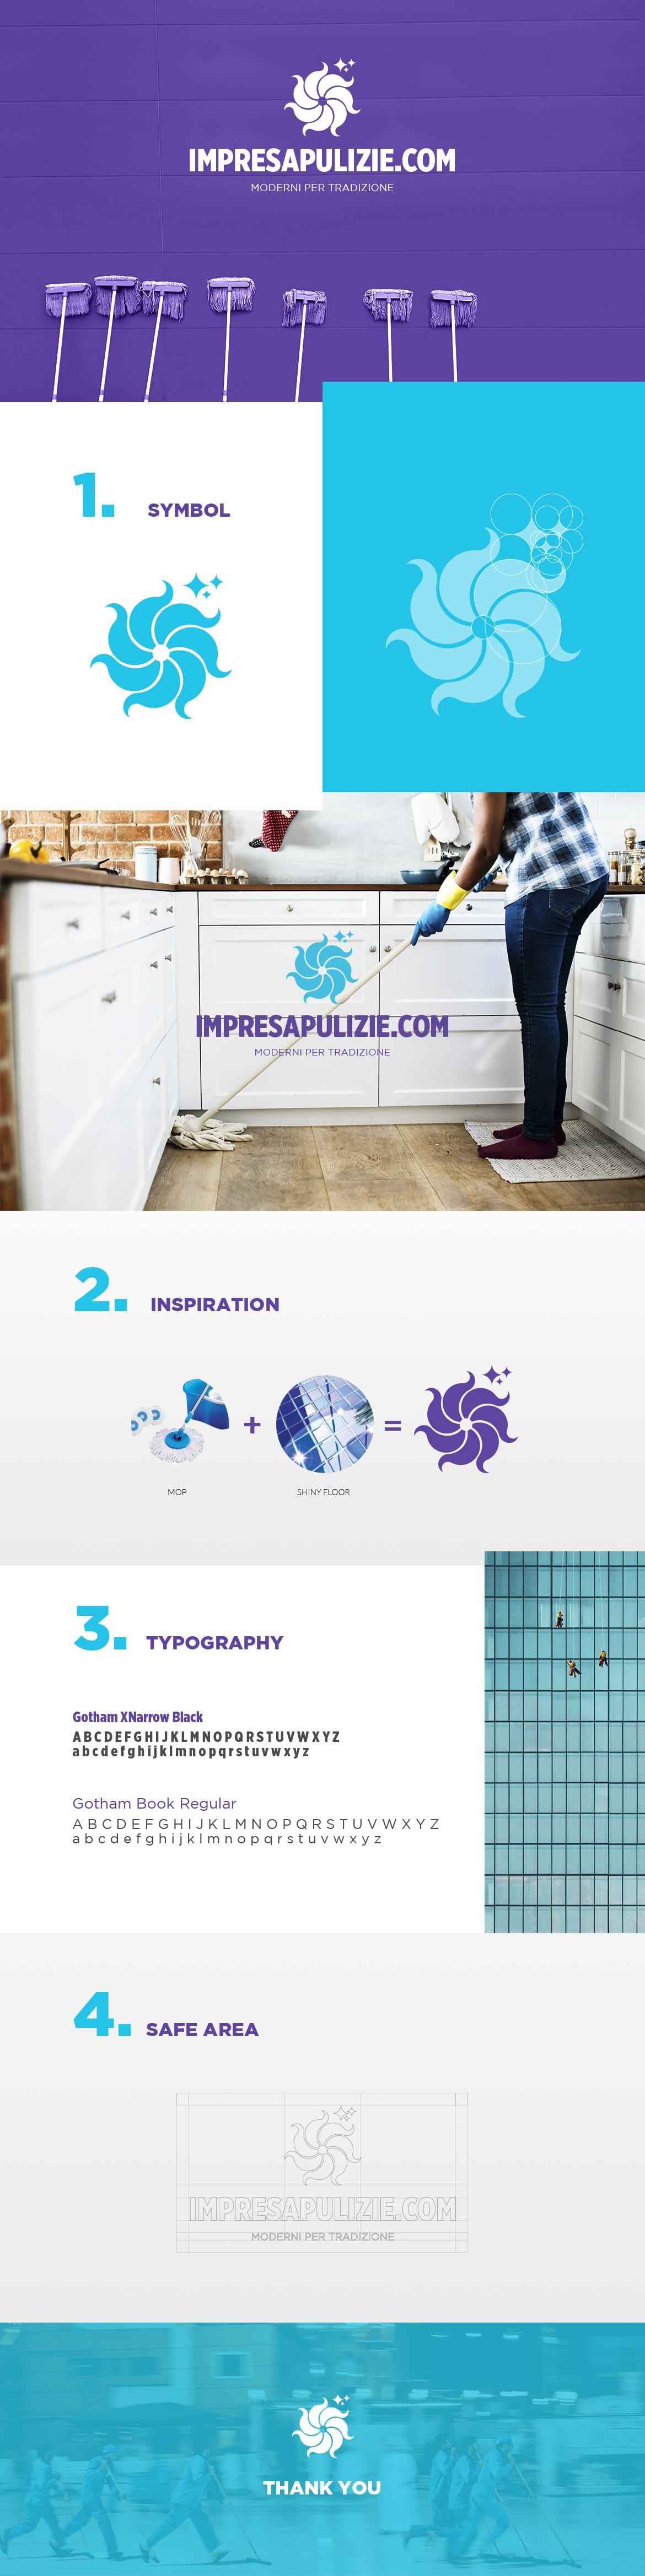 Impresa_branding